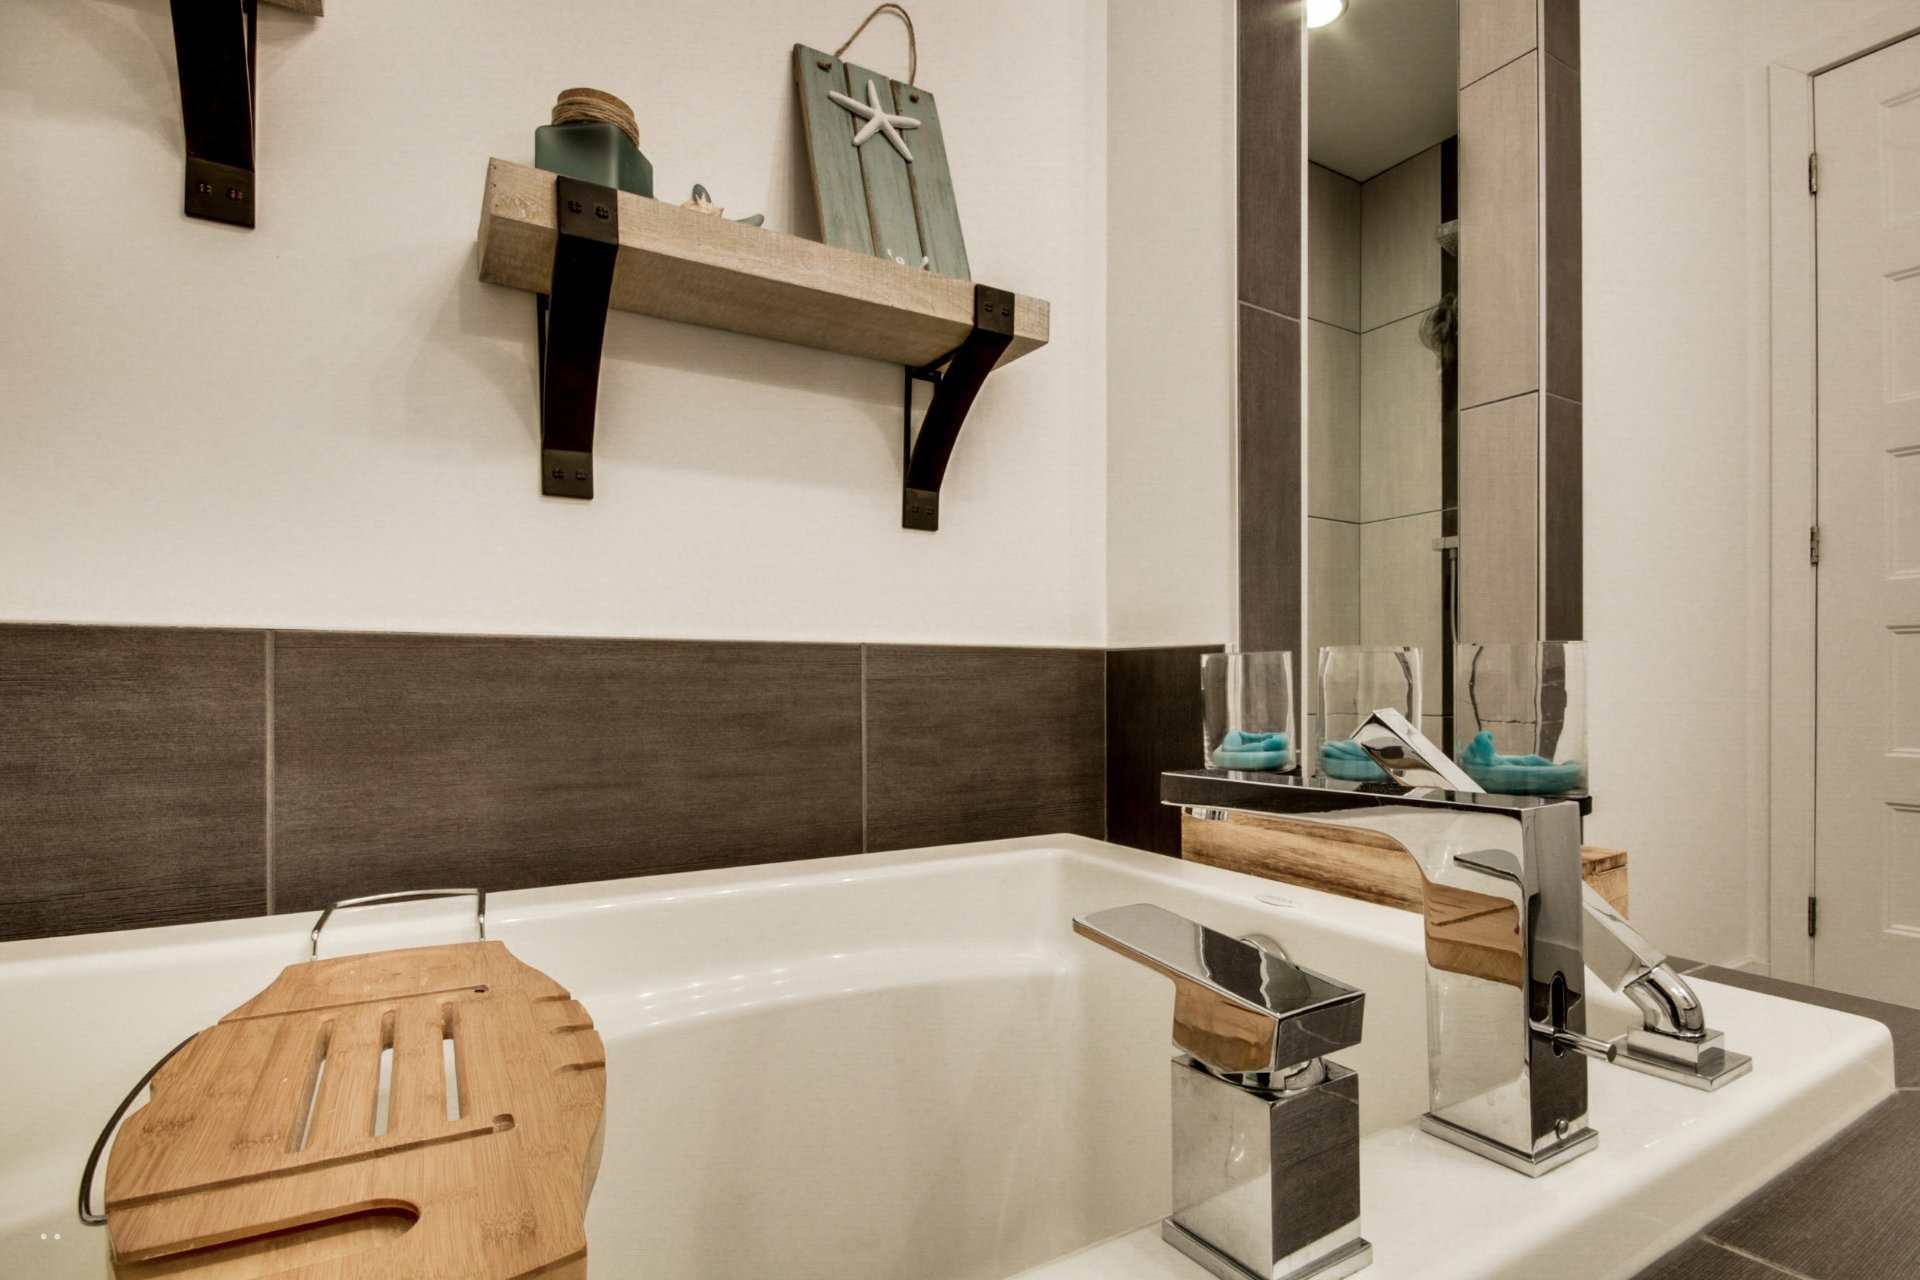 image 35 - Appartement À vendre Trois-Rivières - 7 pièces